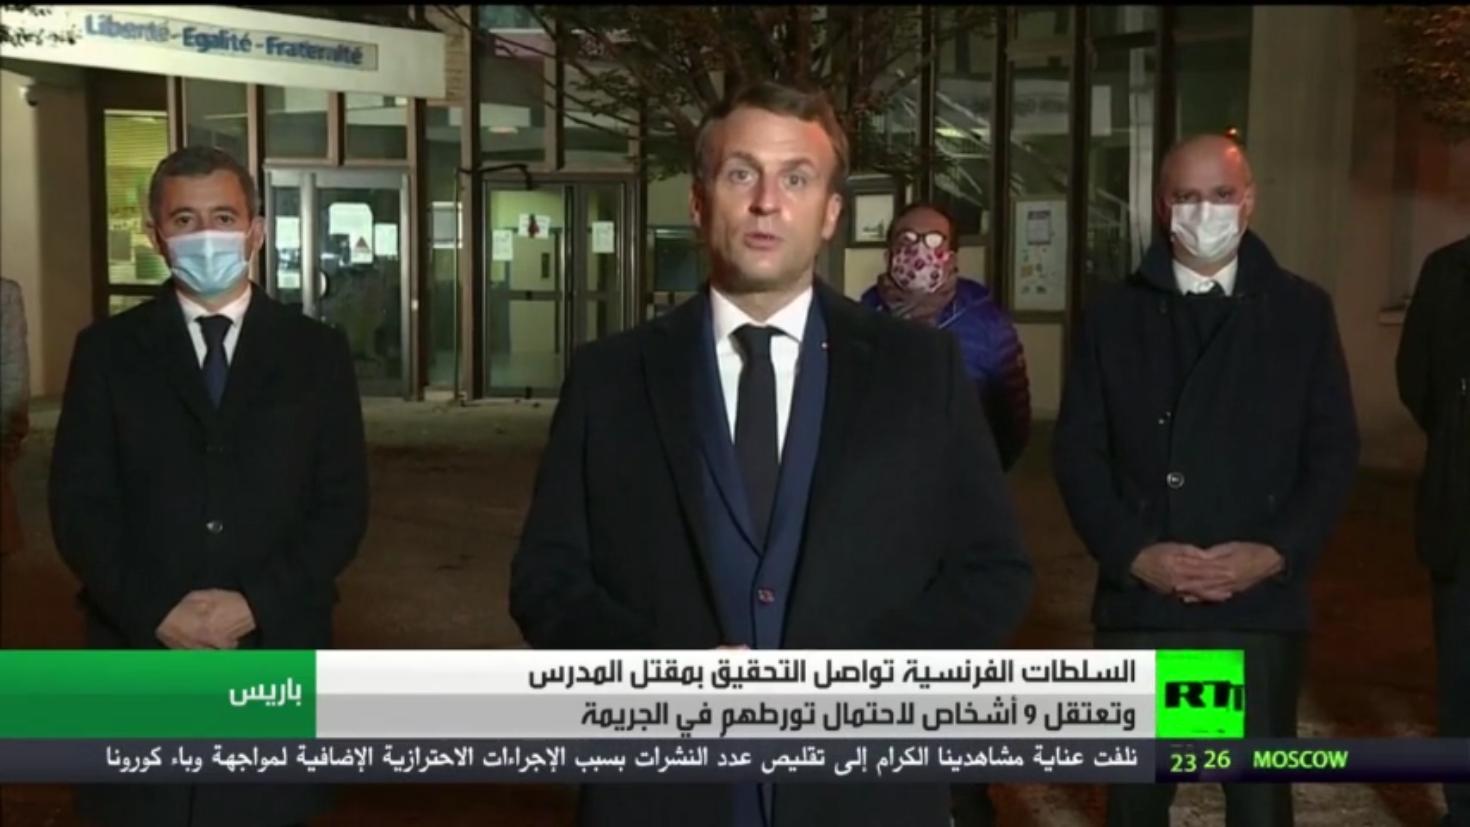 السلطات الفرنسية تواصل التحقيق بمقتل مدرس التاريخ وتعتقل 9 أشخاص لاحتمال تورطهم بالجريمة